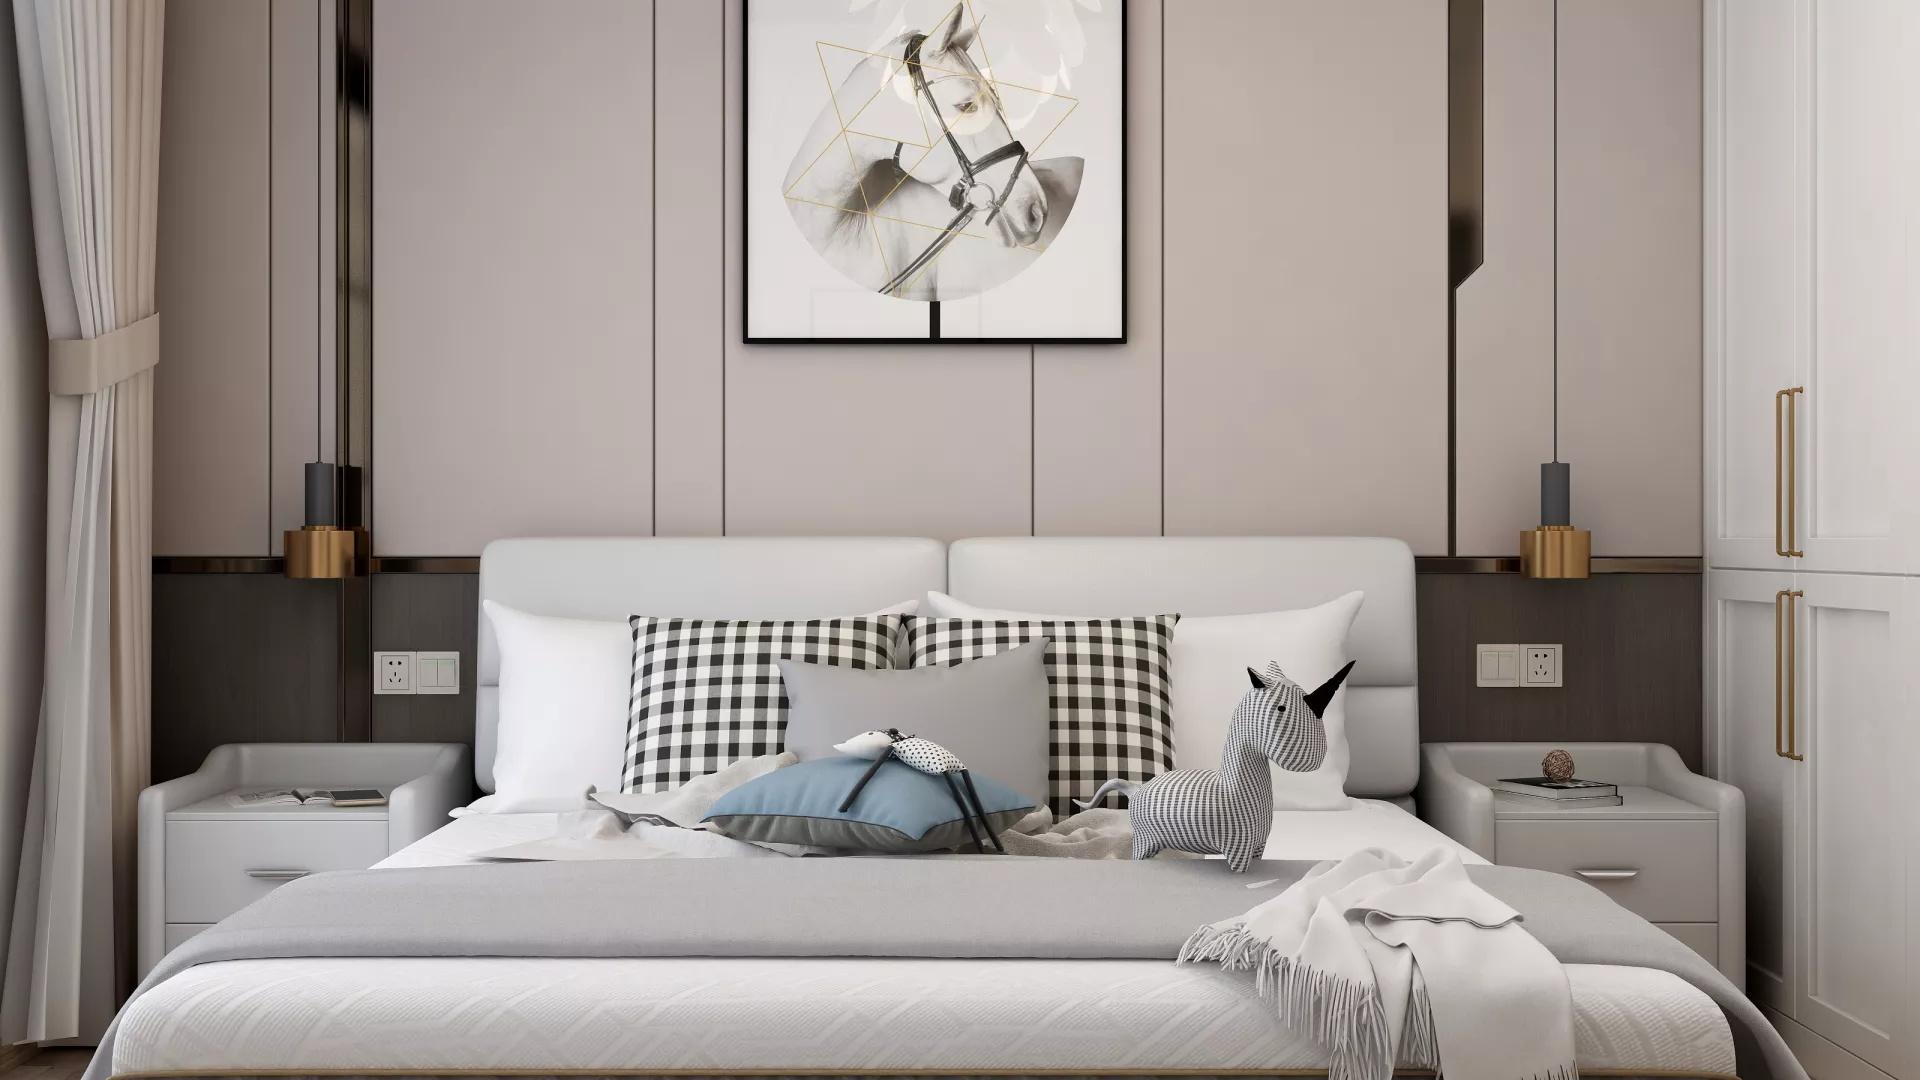 地中海风格时尚舒适卧室装修效果图